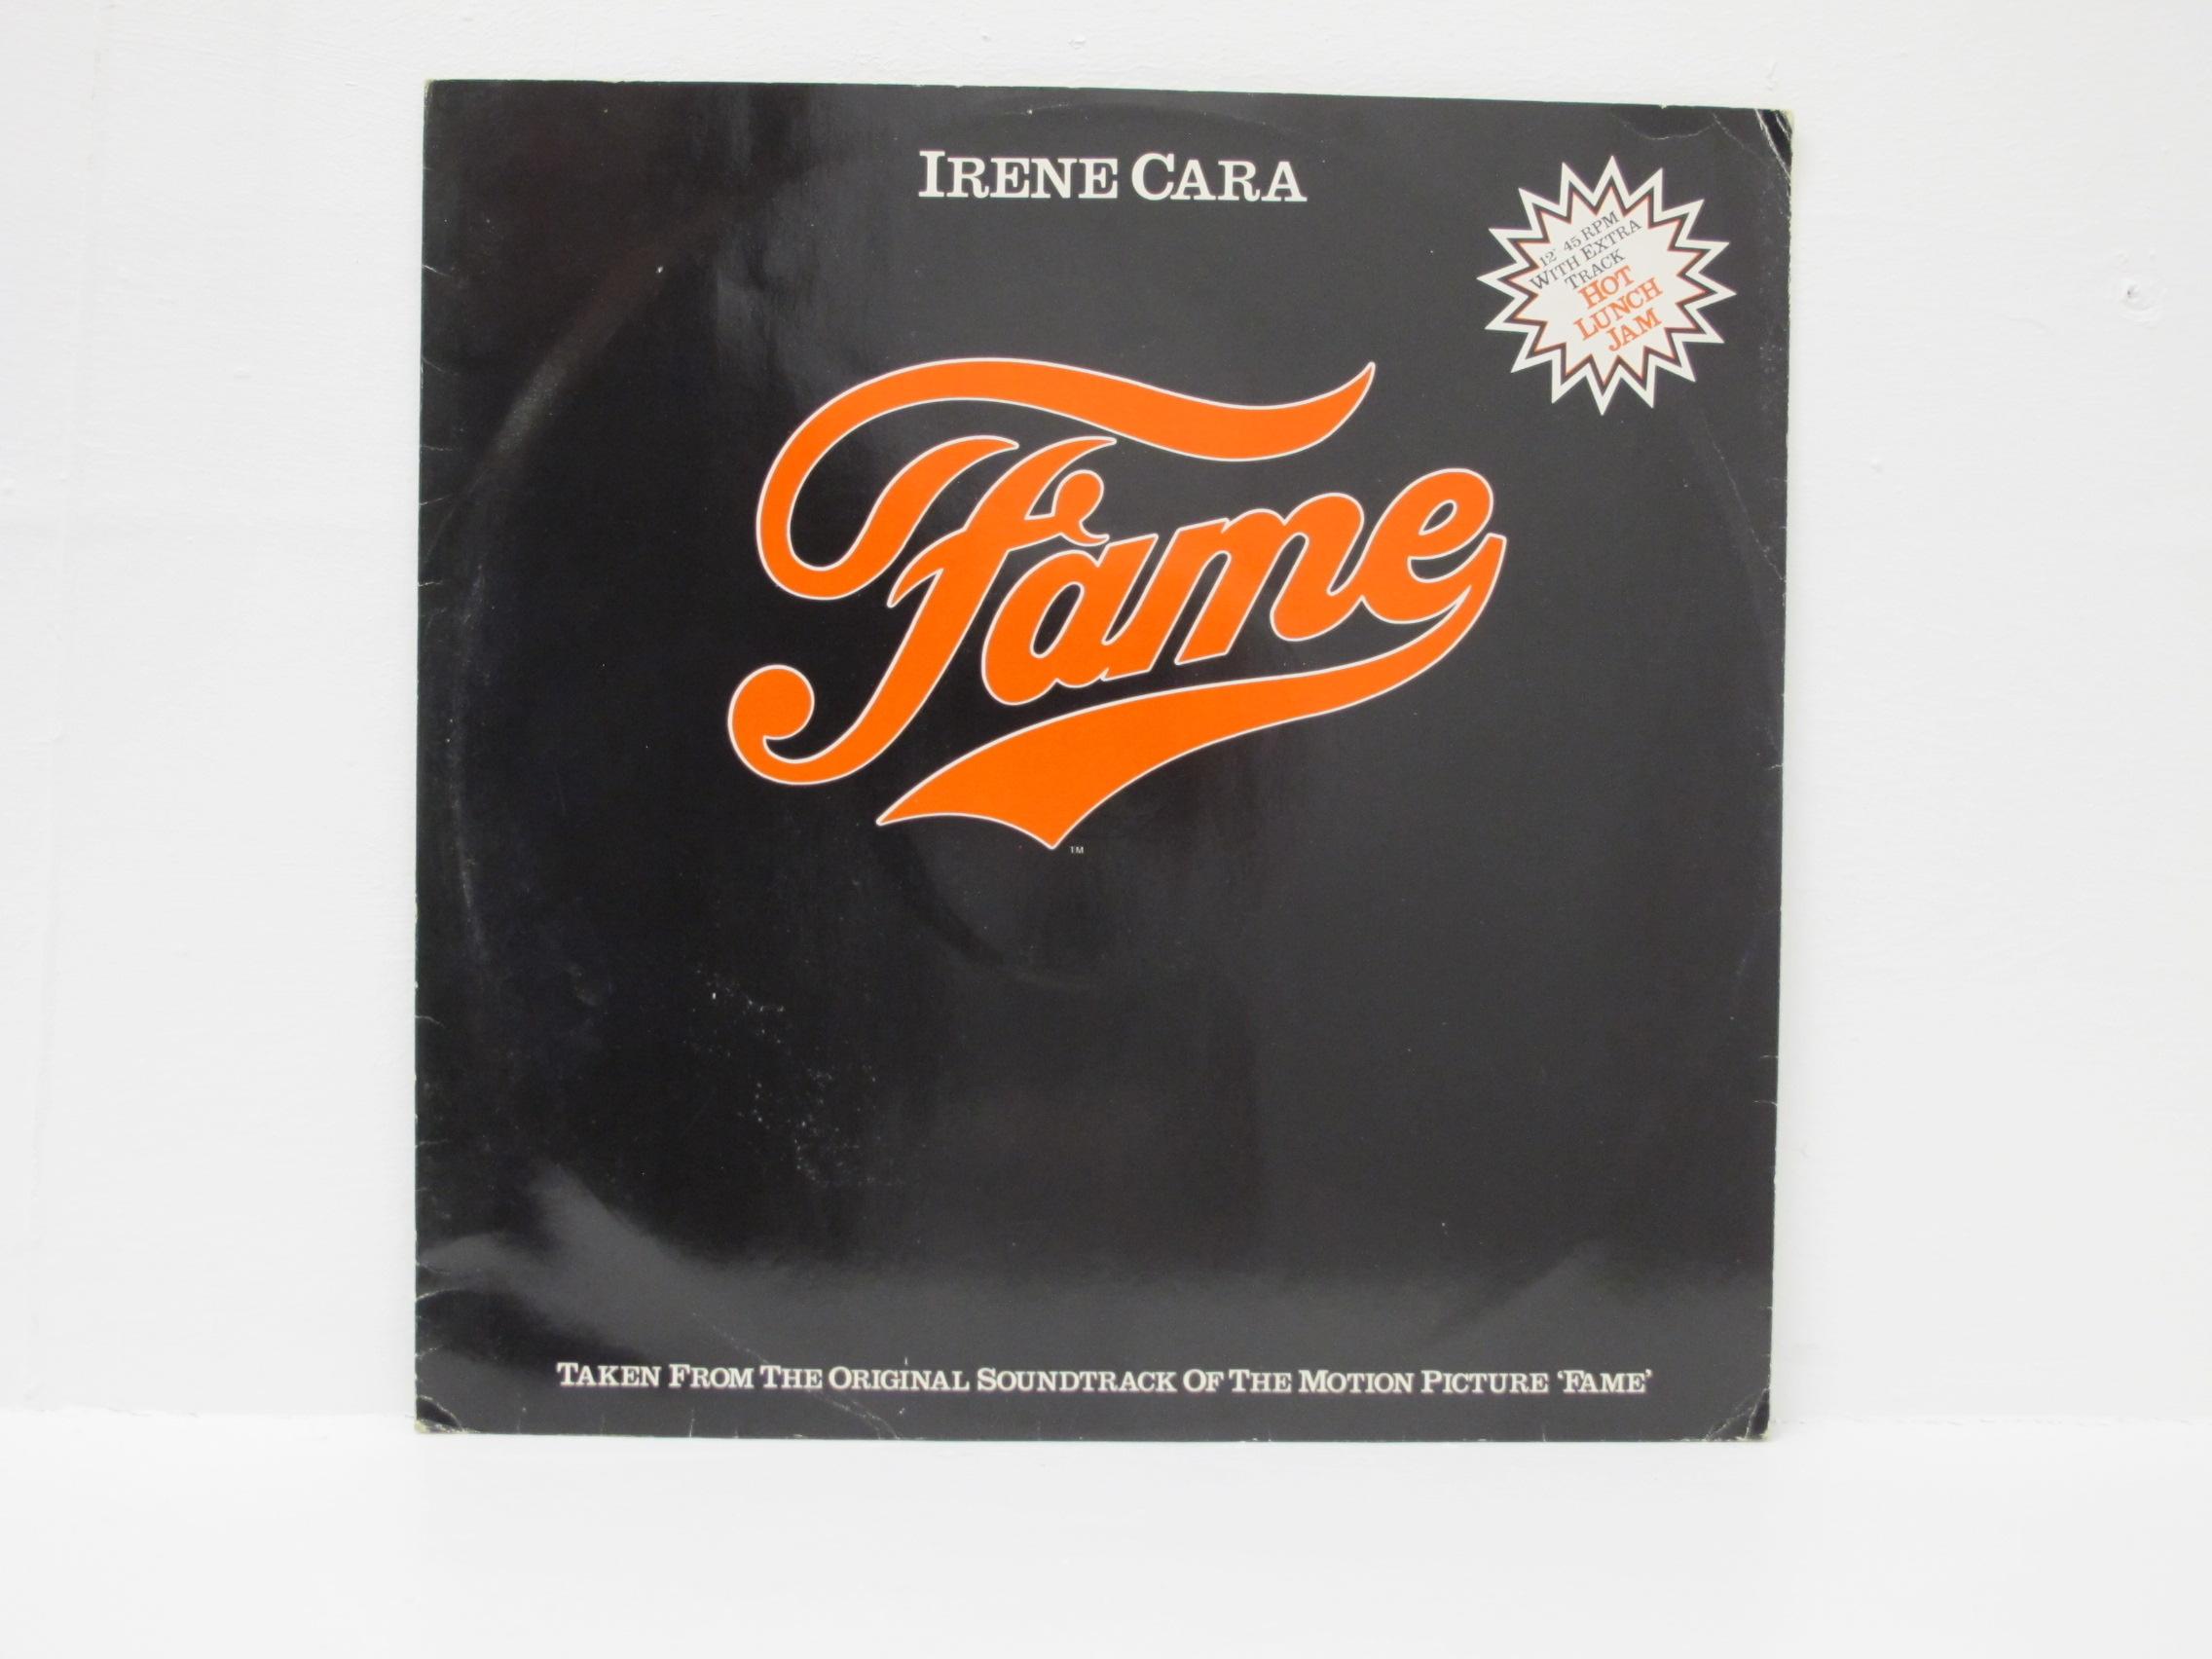 Irene Cara - Fame